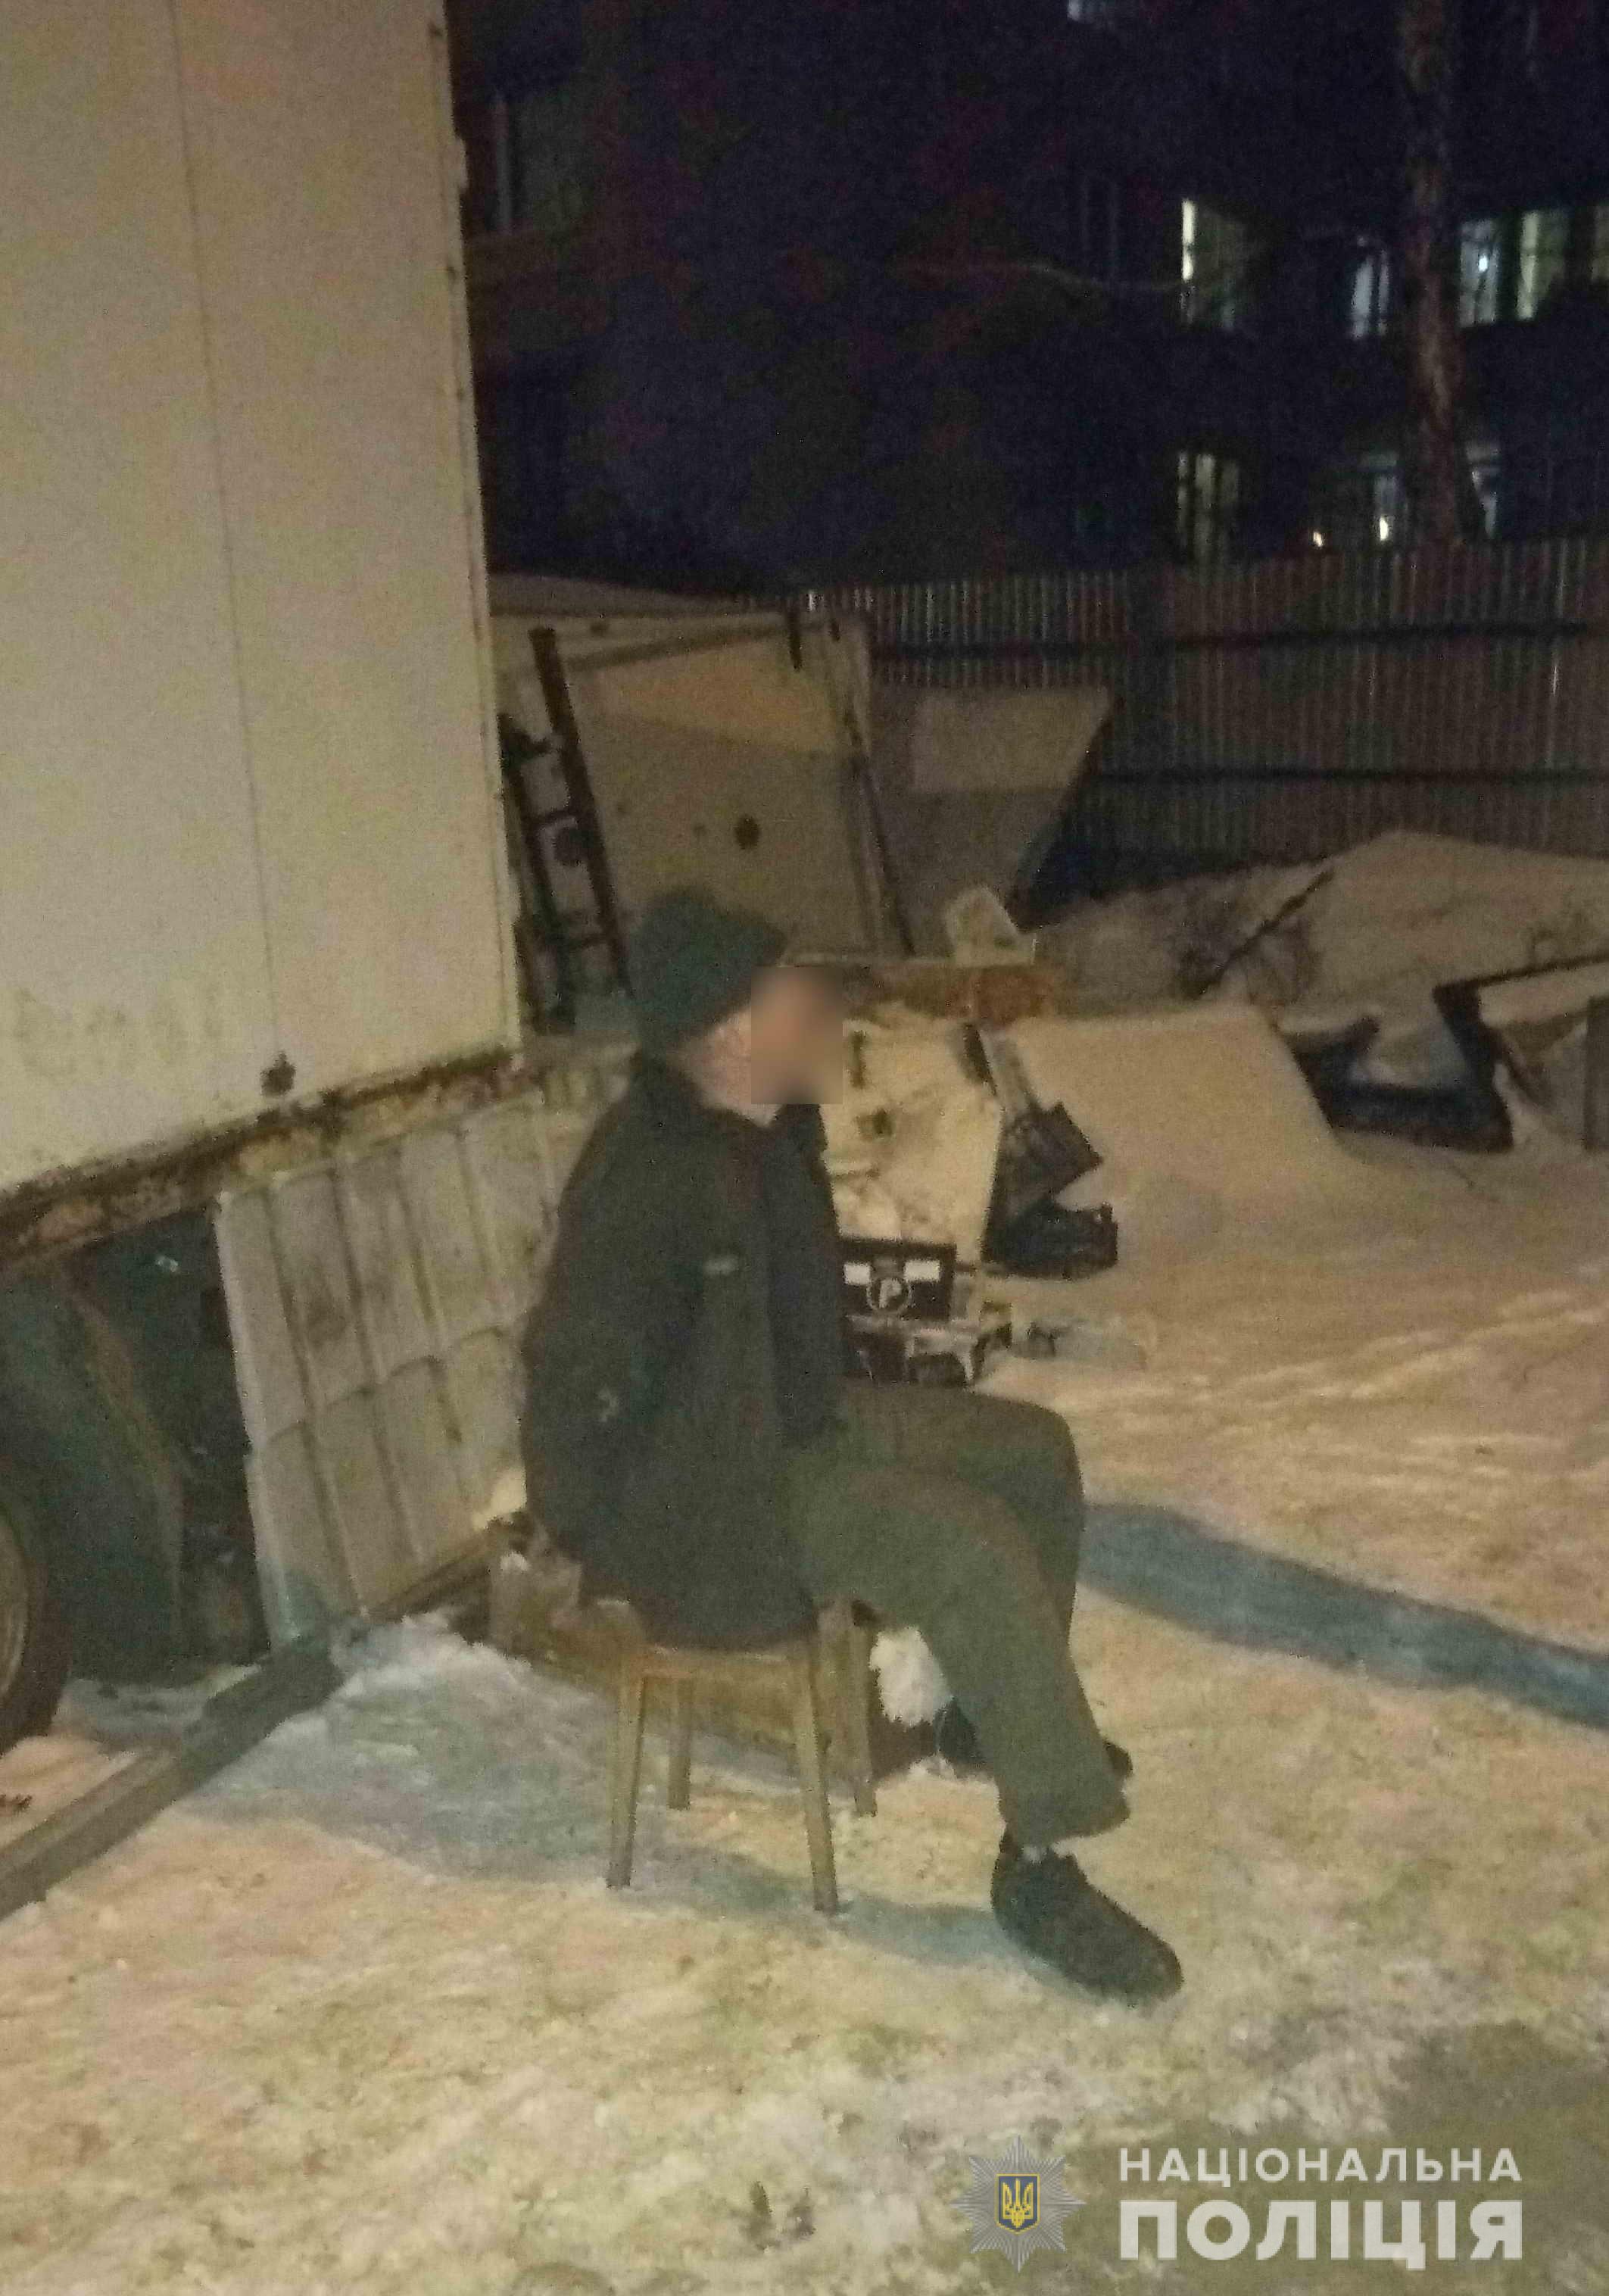 lviv_strilba_16-01-2019_2